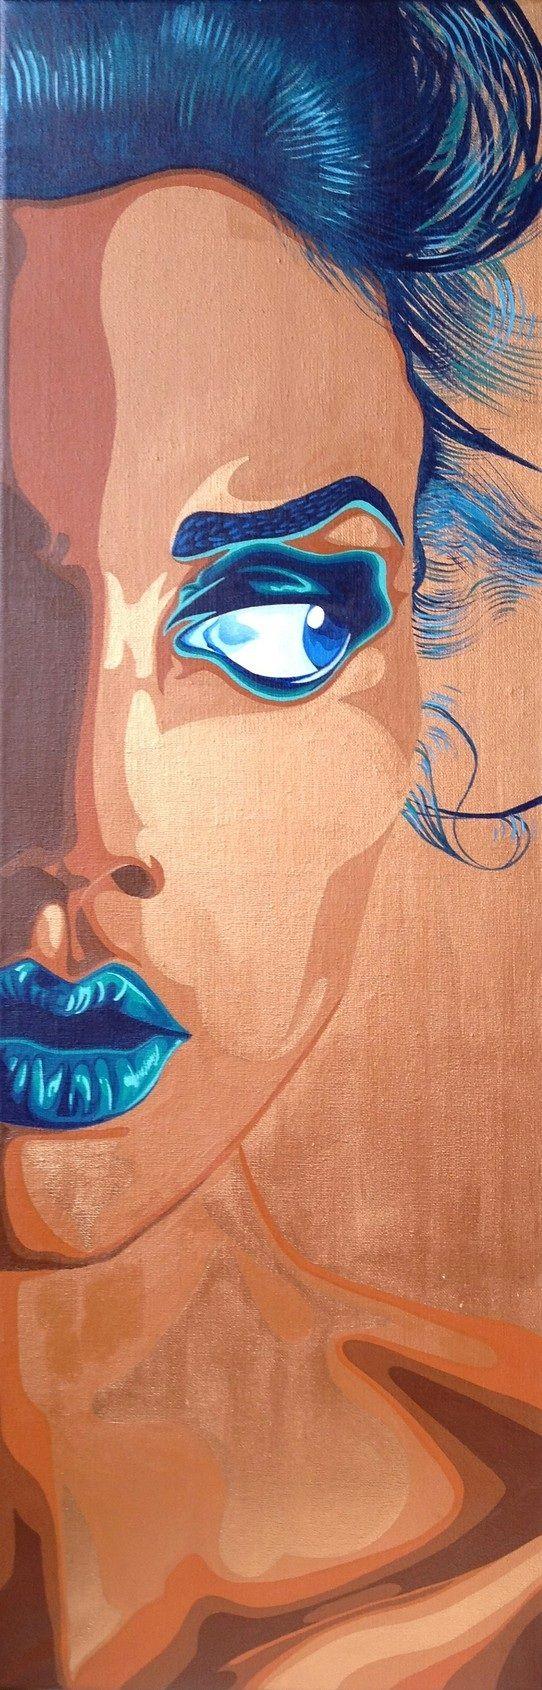 ♪ Arte de Maria West Heilberg